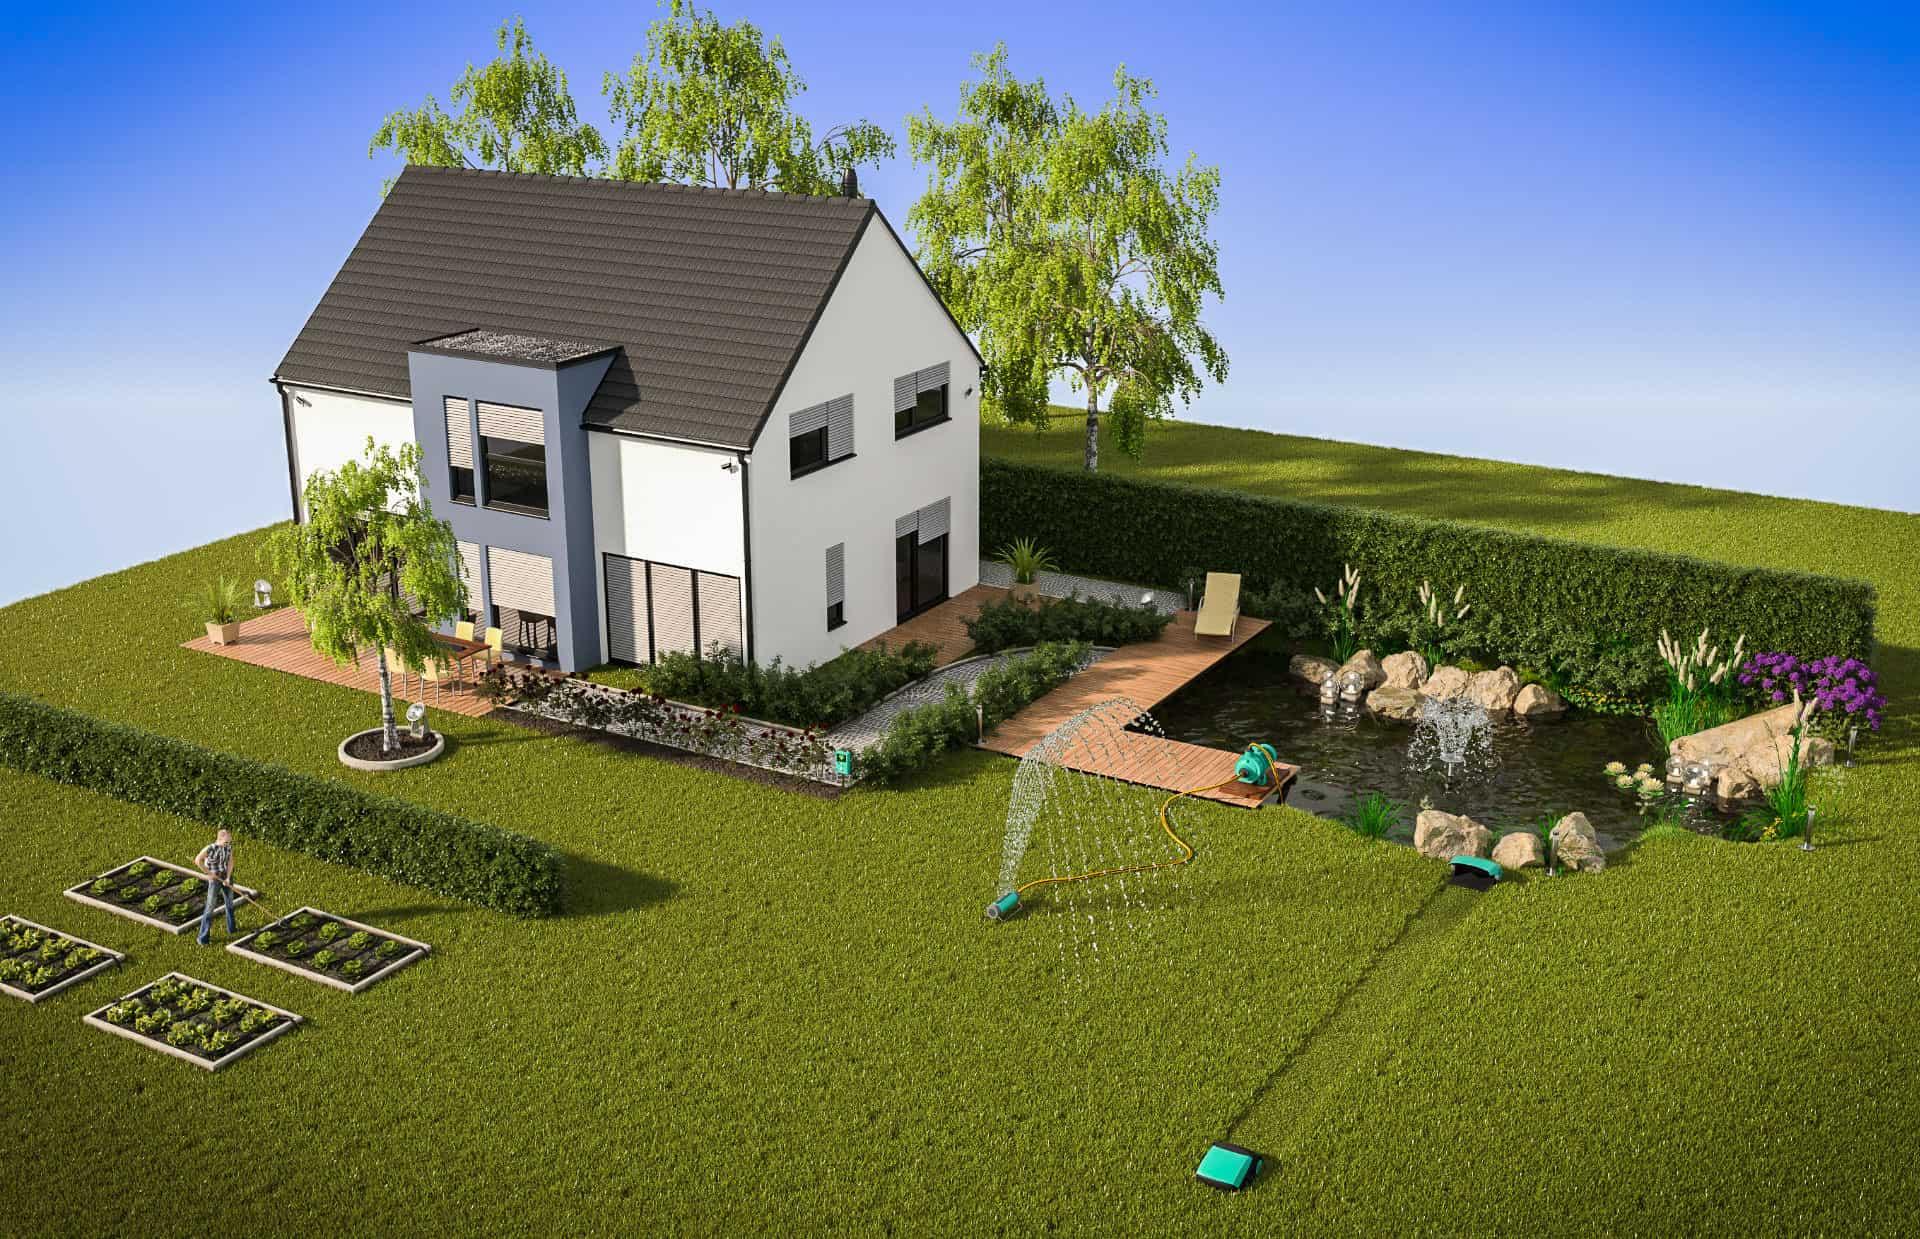 Smart Garden / Baumarkt